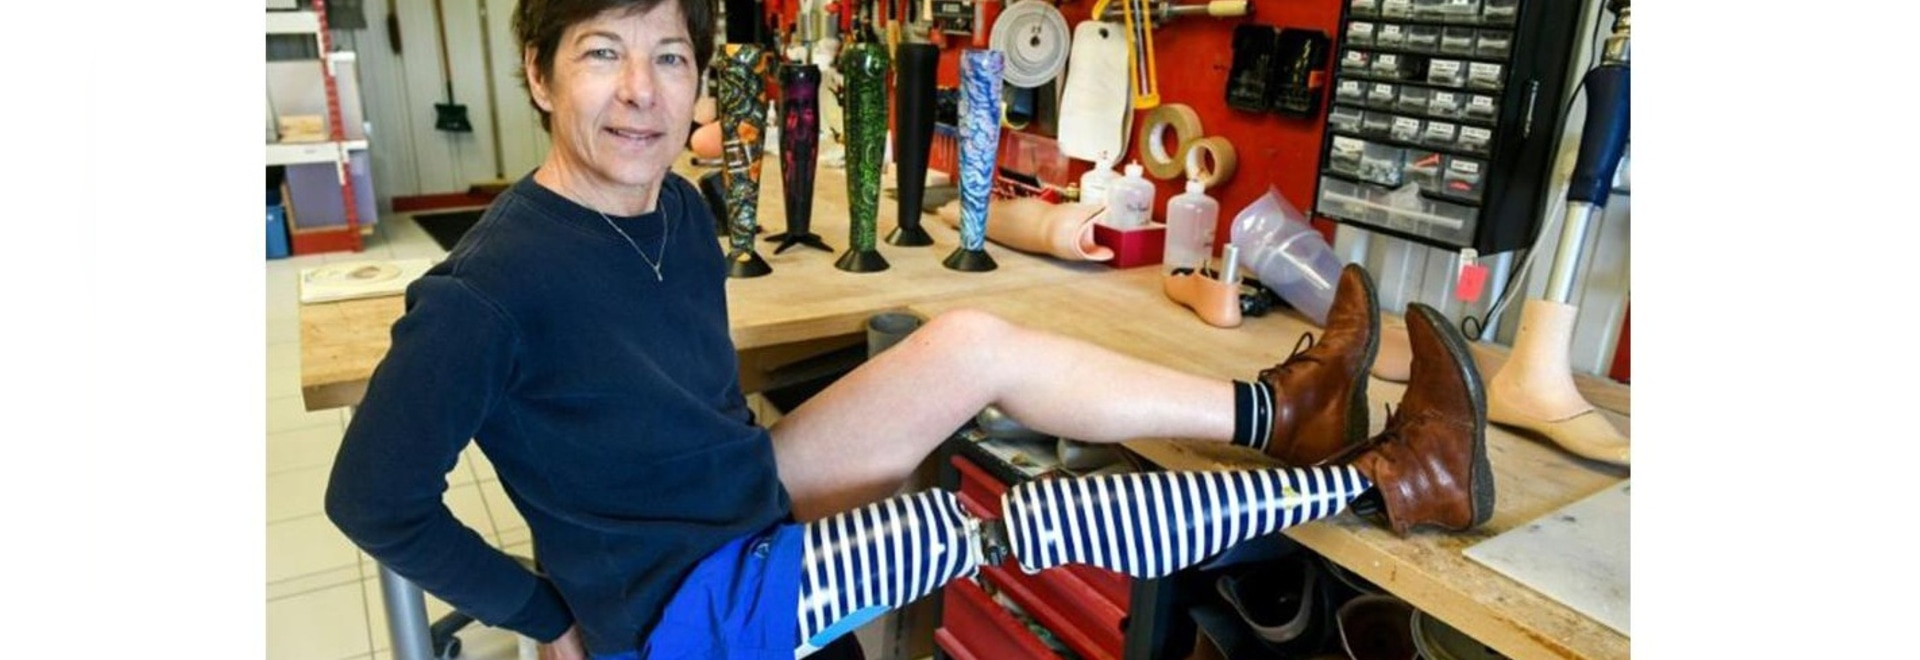 """Les prothèses """" laides """" bénéficient d'un traitement de design français"""